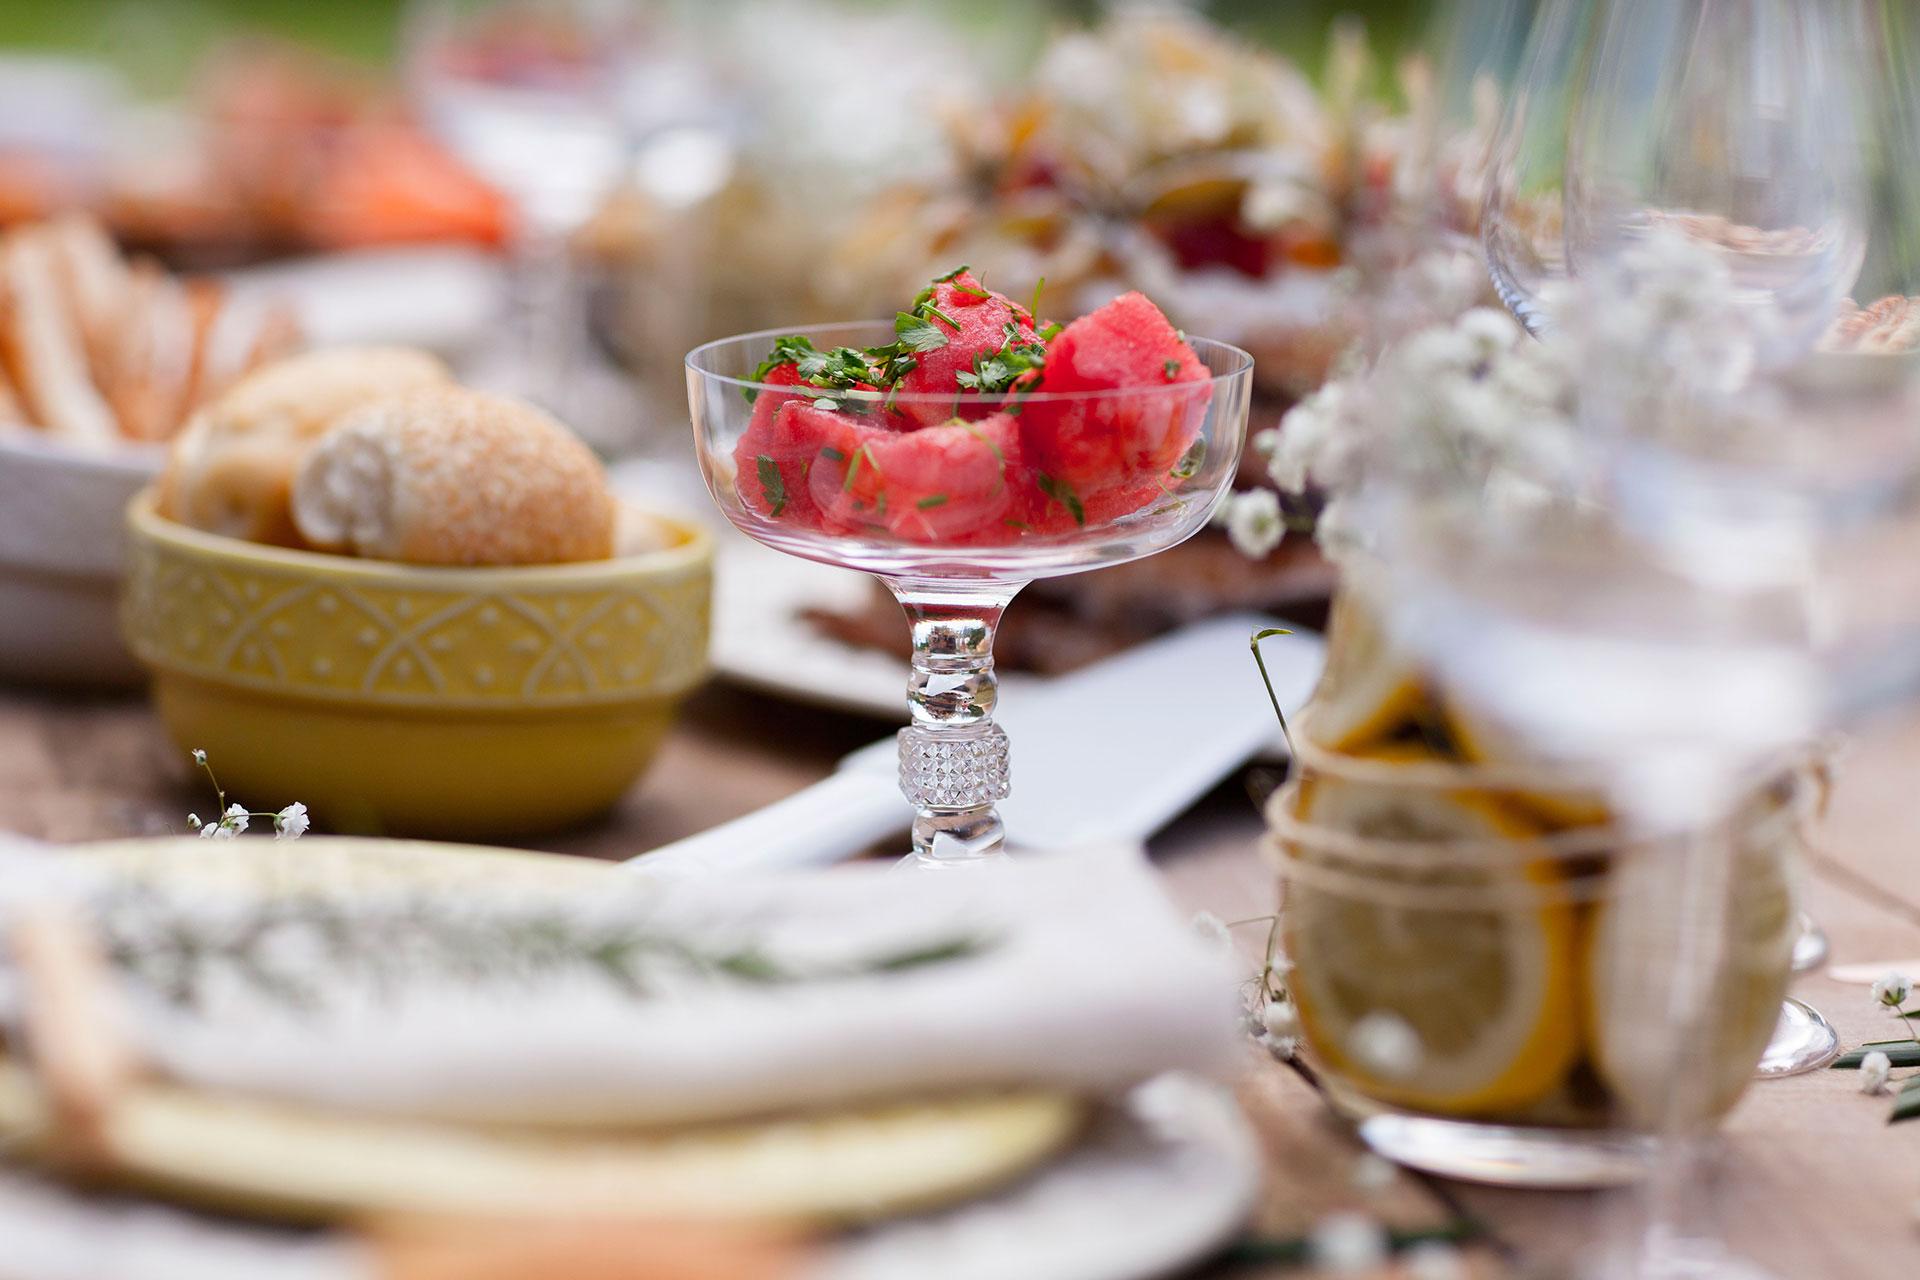 Imagem: A taça de sobremesa foi usada para servir uma salada salgada de melancia. Colorida, é a cara do verão. É feita com azeite de oliva, vinagre balsâmico e temperos verdes. Foto: Raphael Günther/Bespoke Content.